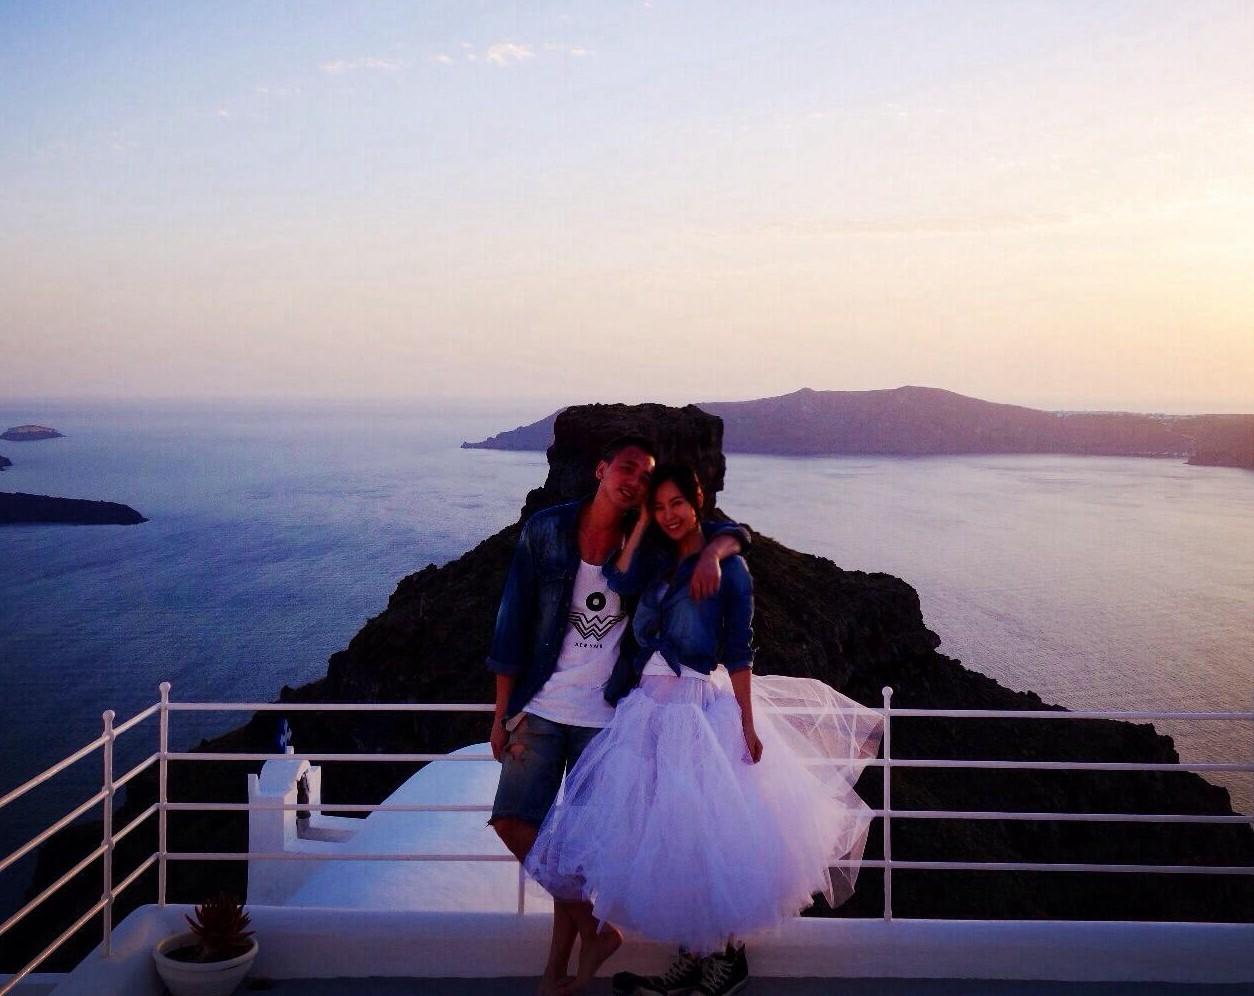 交往9年想結婚了!信公開與女友希臘「婚紗照」疑閃婚| ETtoday星光雲| ETtoday新聞雲